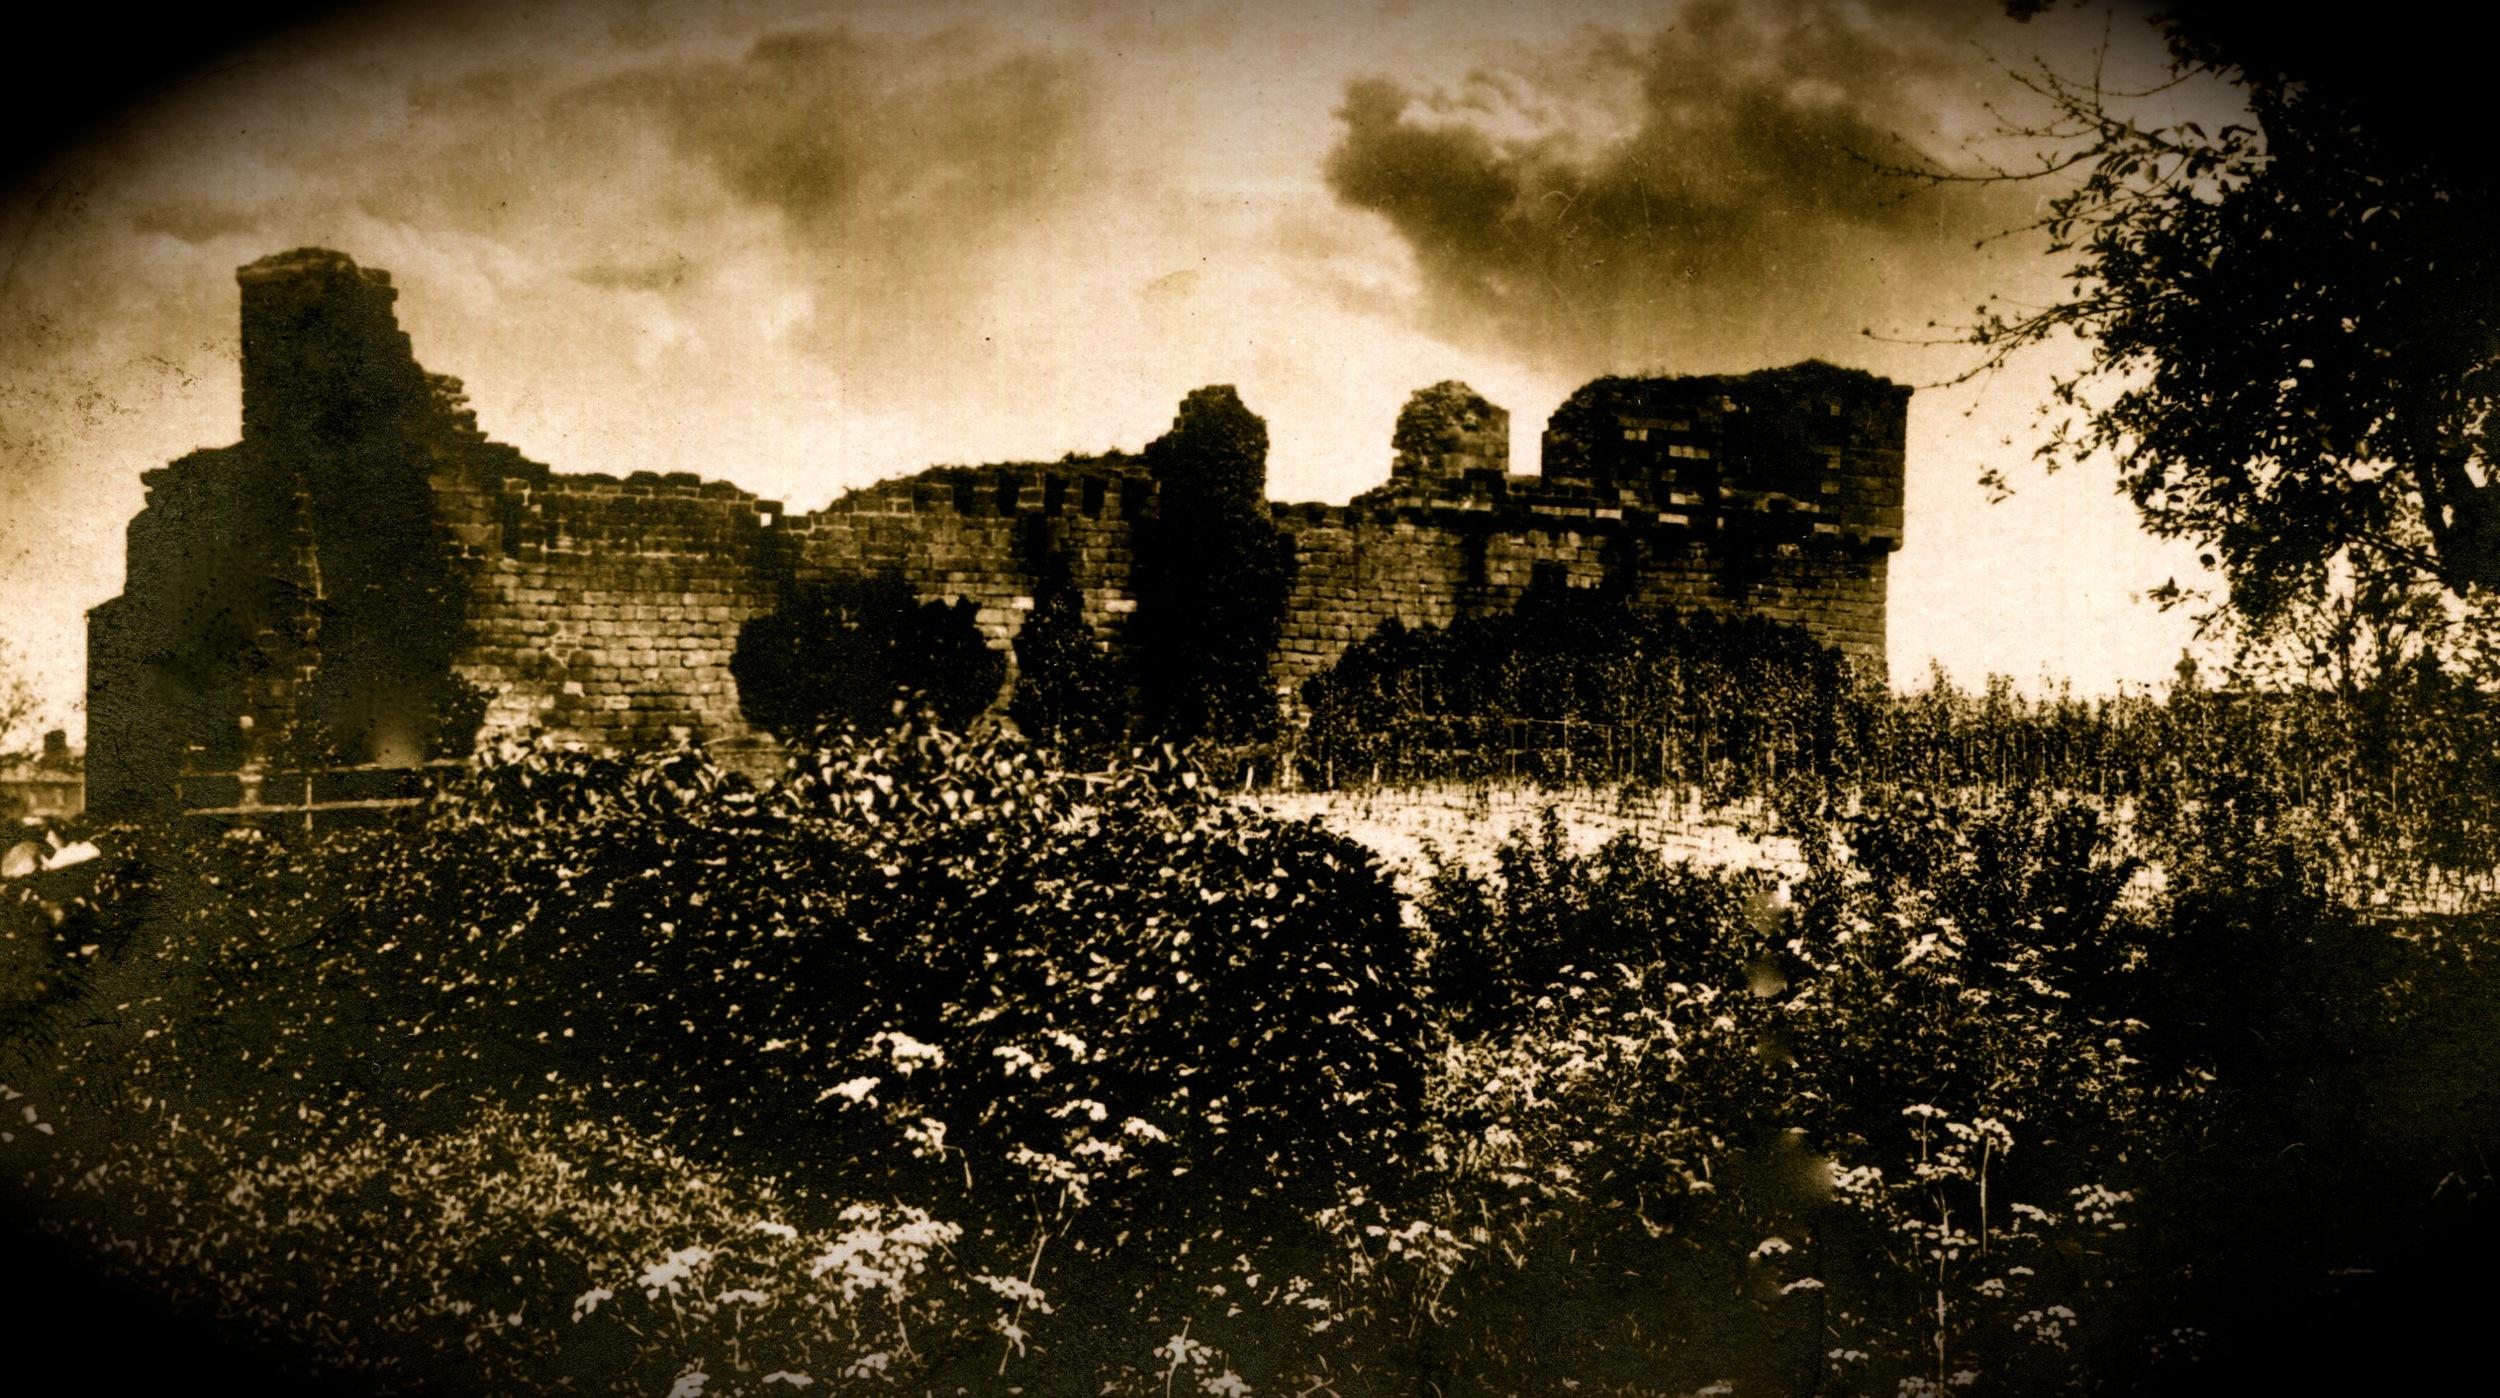 Penrith Castle, England